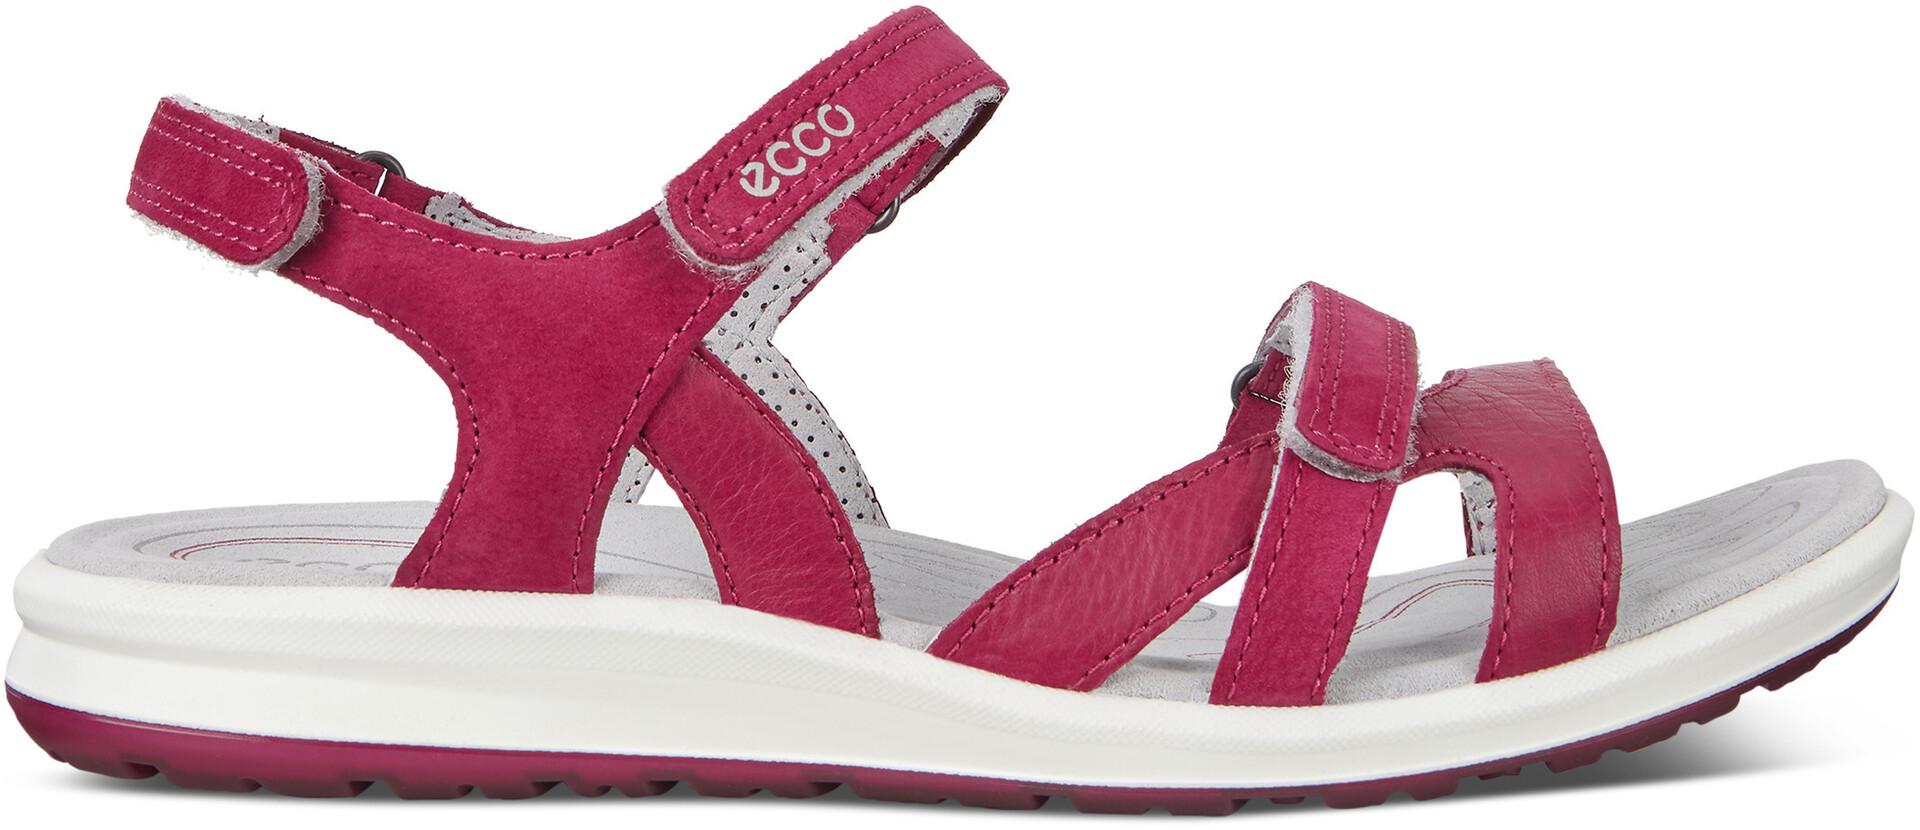 ECCO X Trinsic Sandały Kobiety, blackteaberry